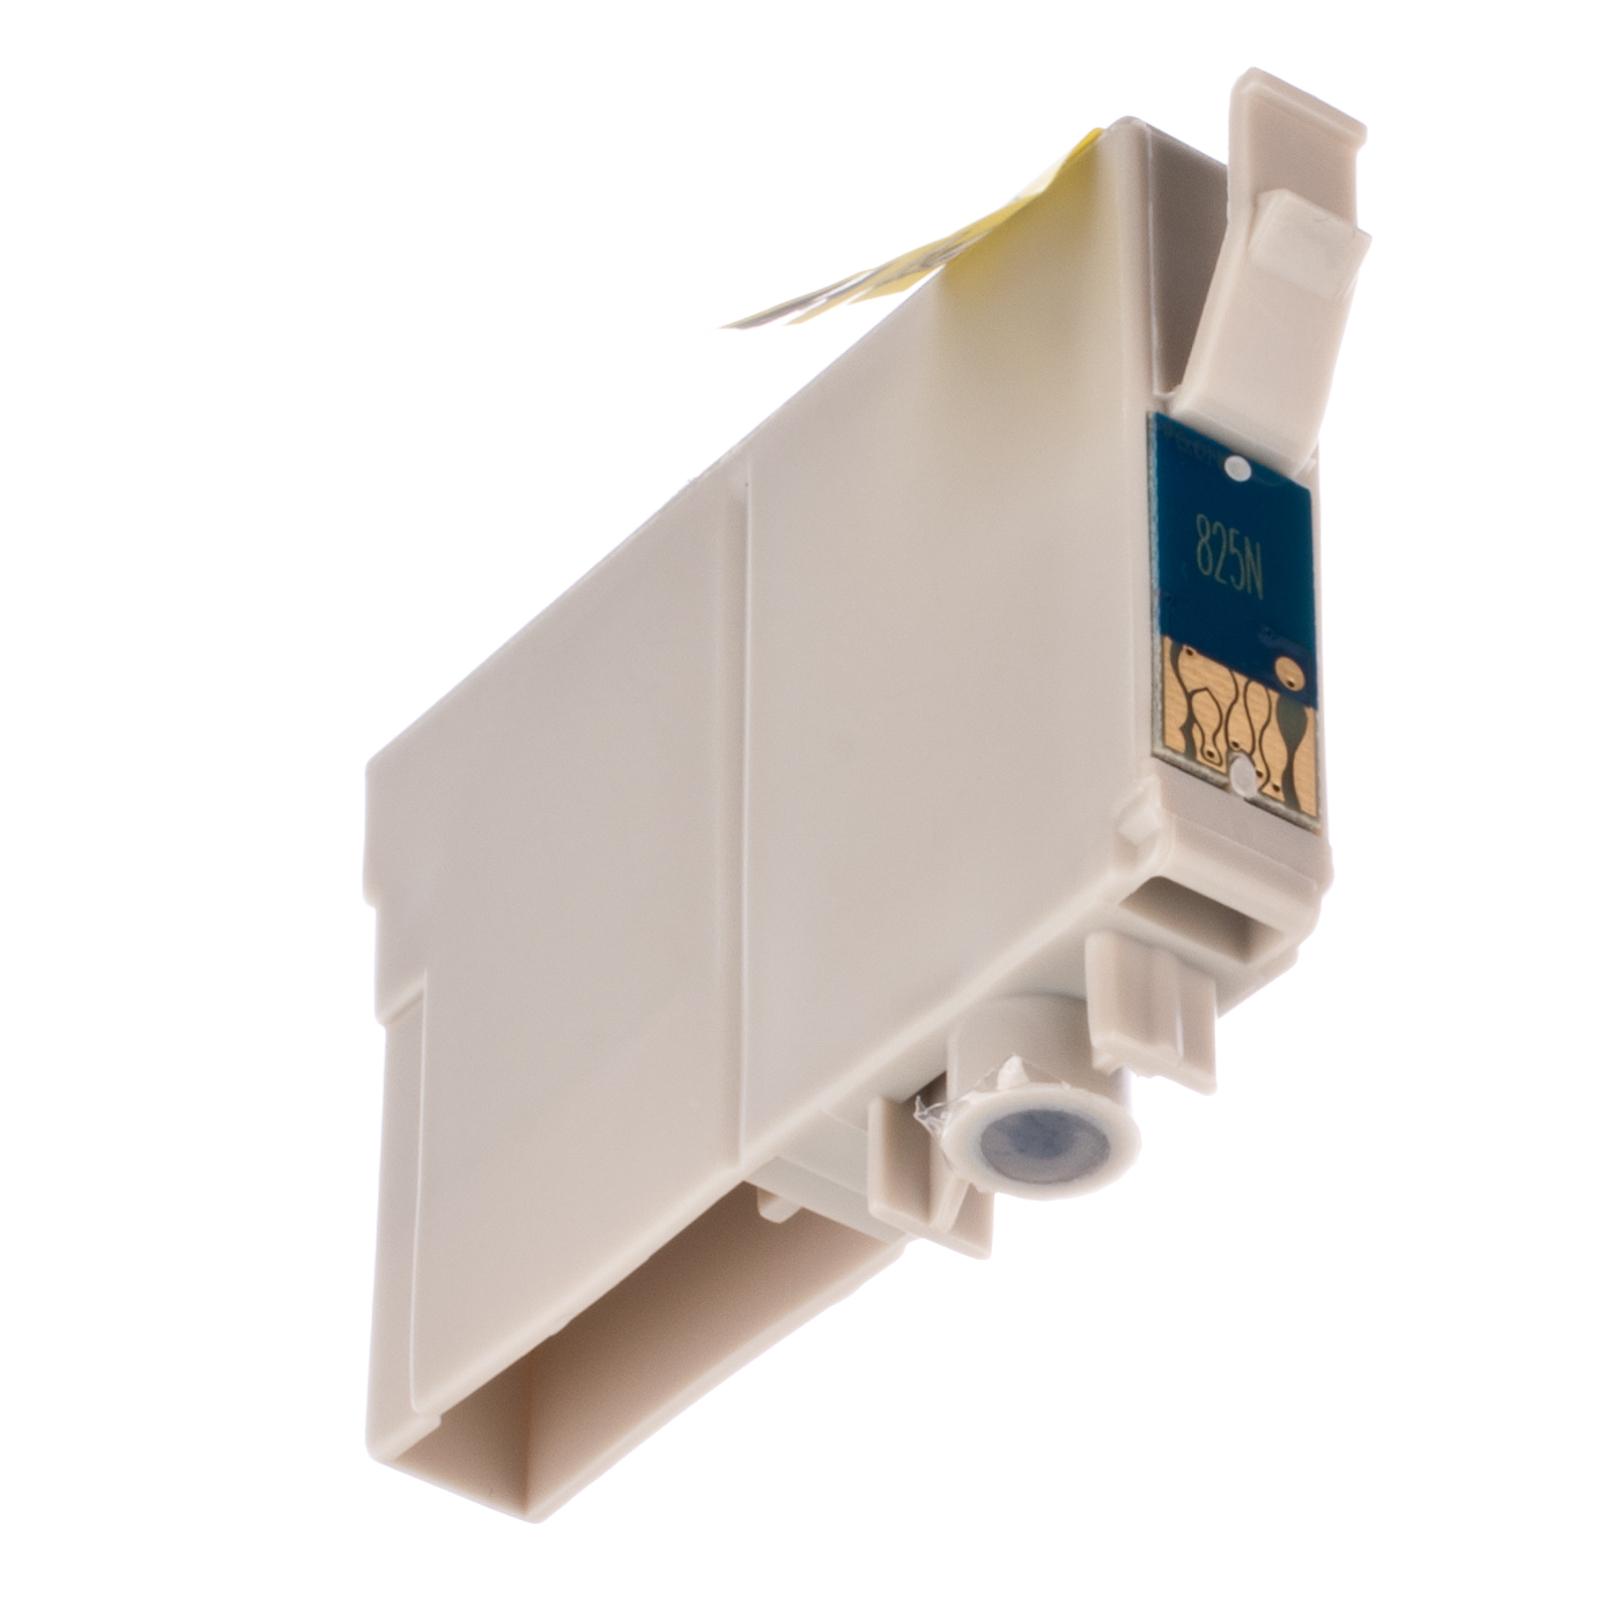 Картридж PATRON для EPSON R270/290/390/RX590 LIGHT CYAN (PN-0825) (CI-EPS-T08154-LC3-PN) изображение 8